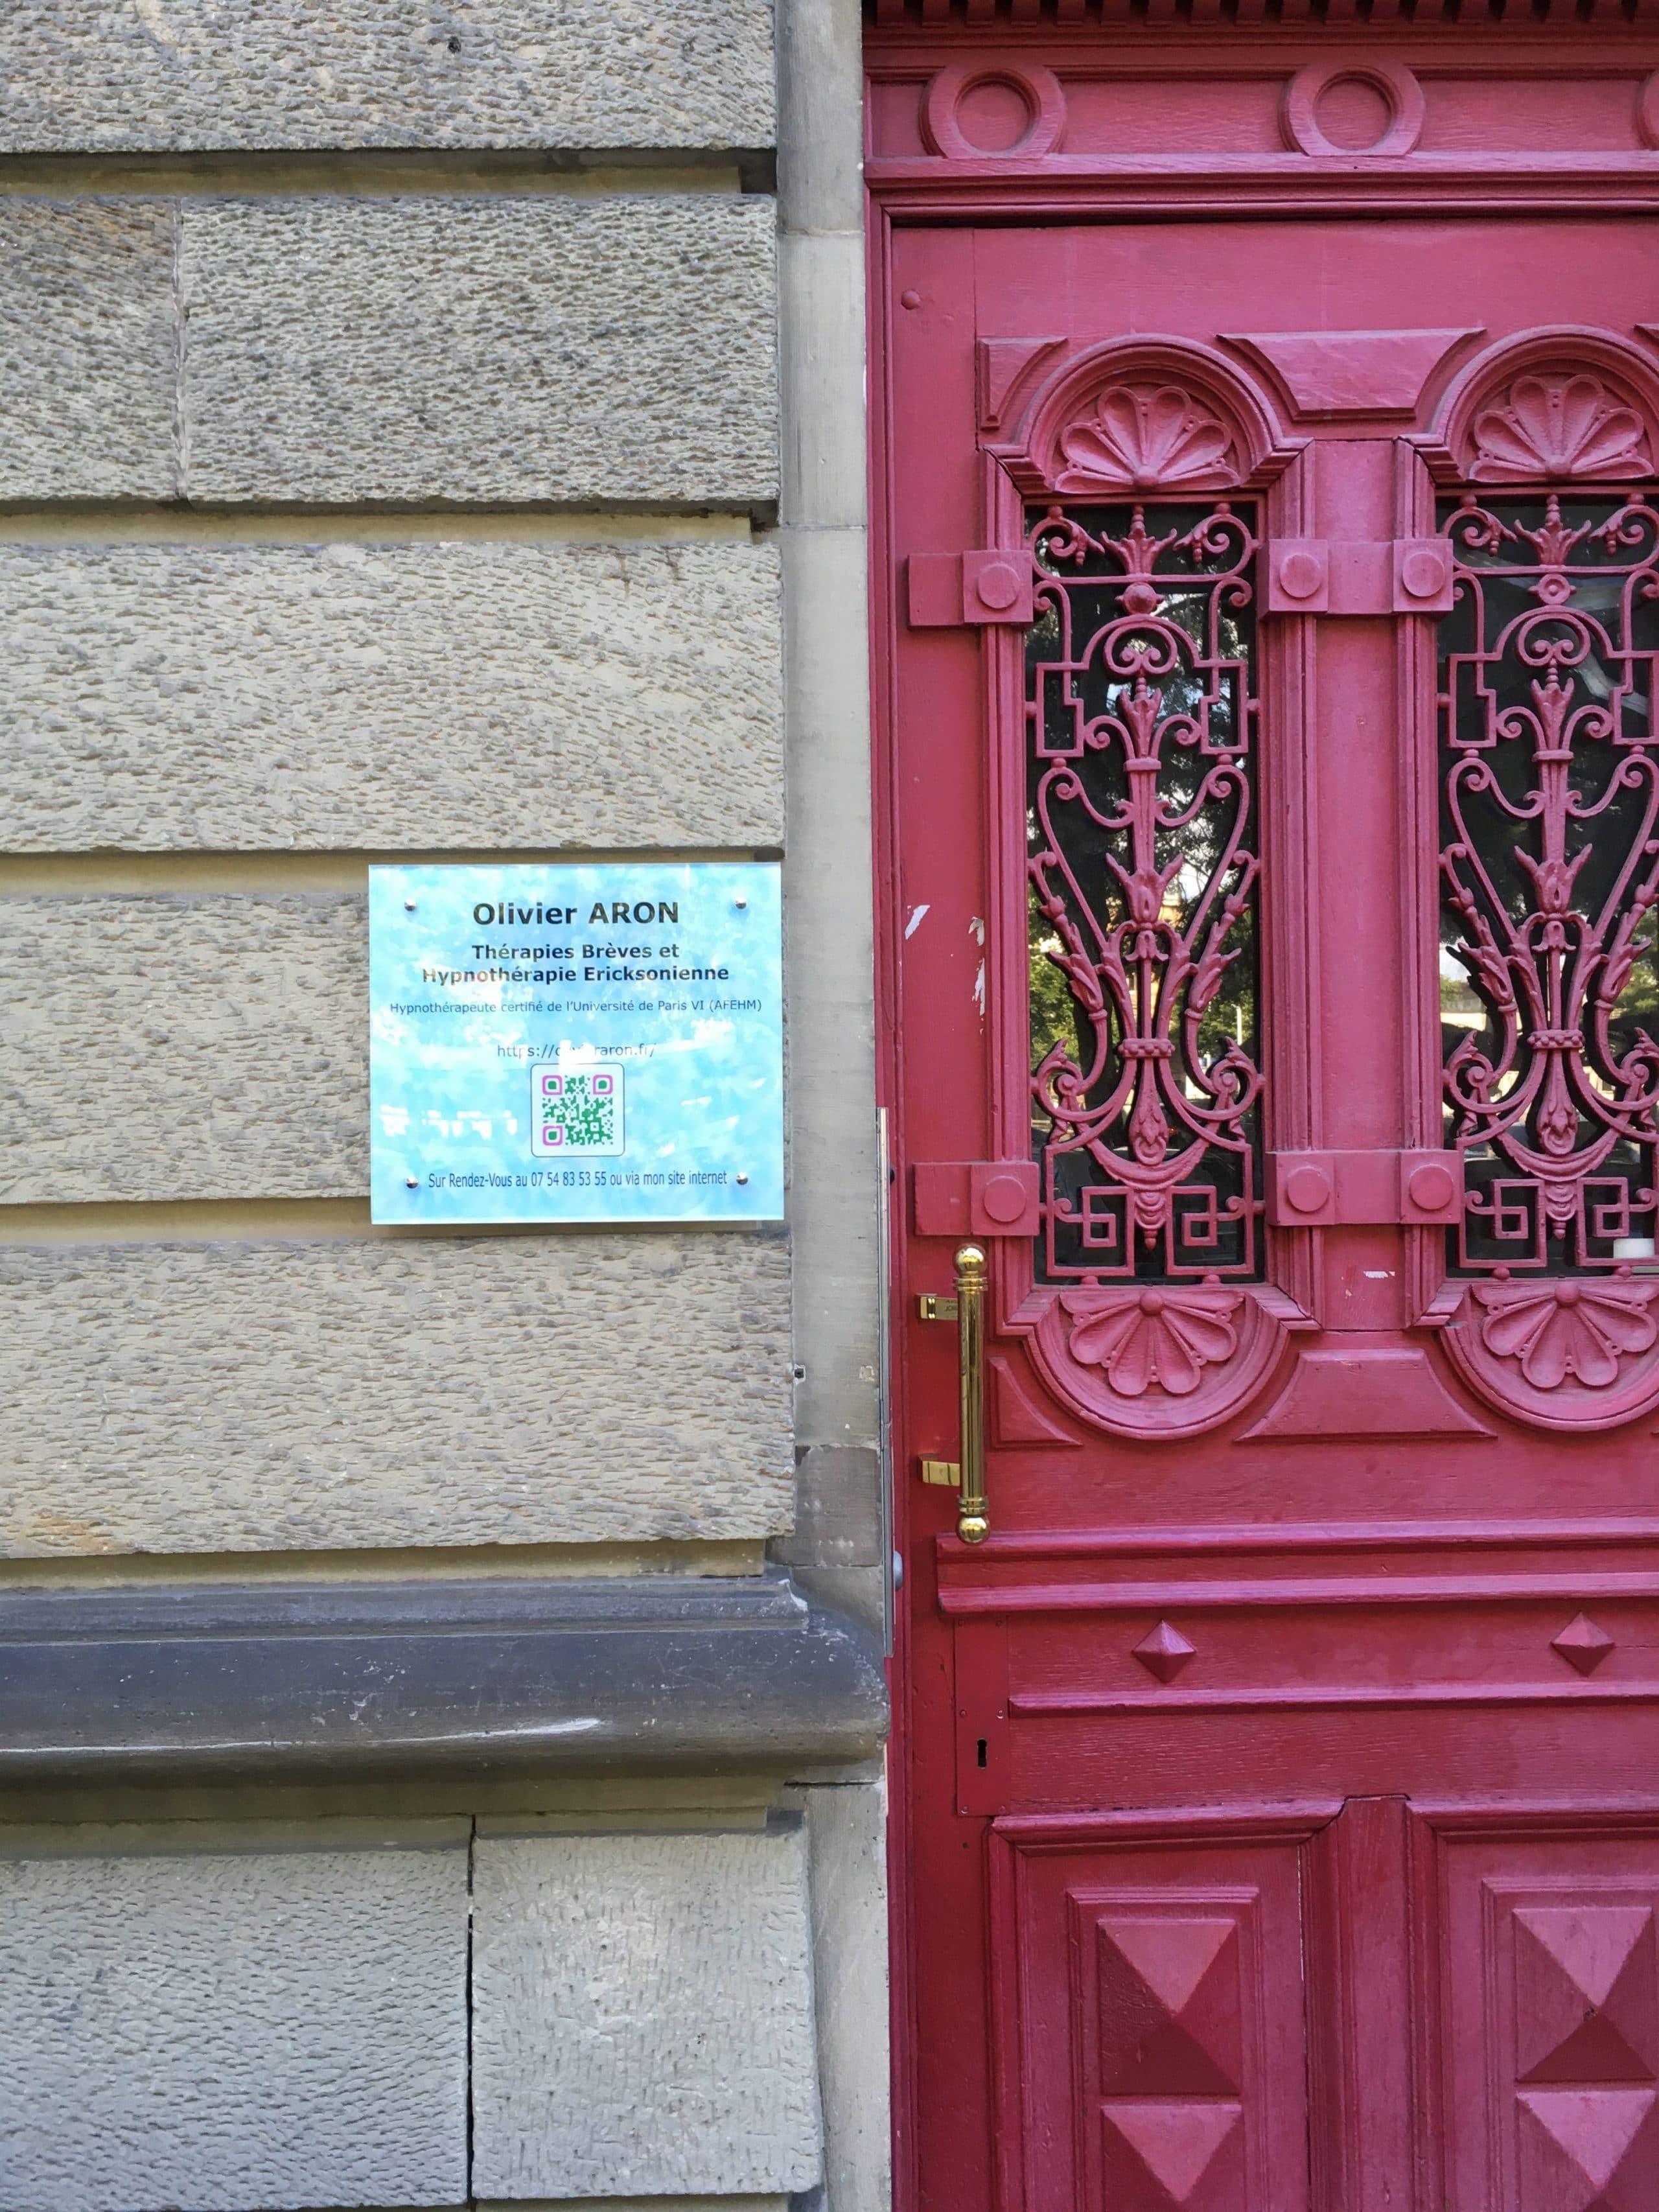 3 Place de Bordeaux, 67 000 Strasbourg